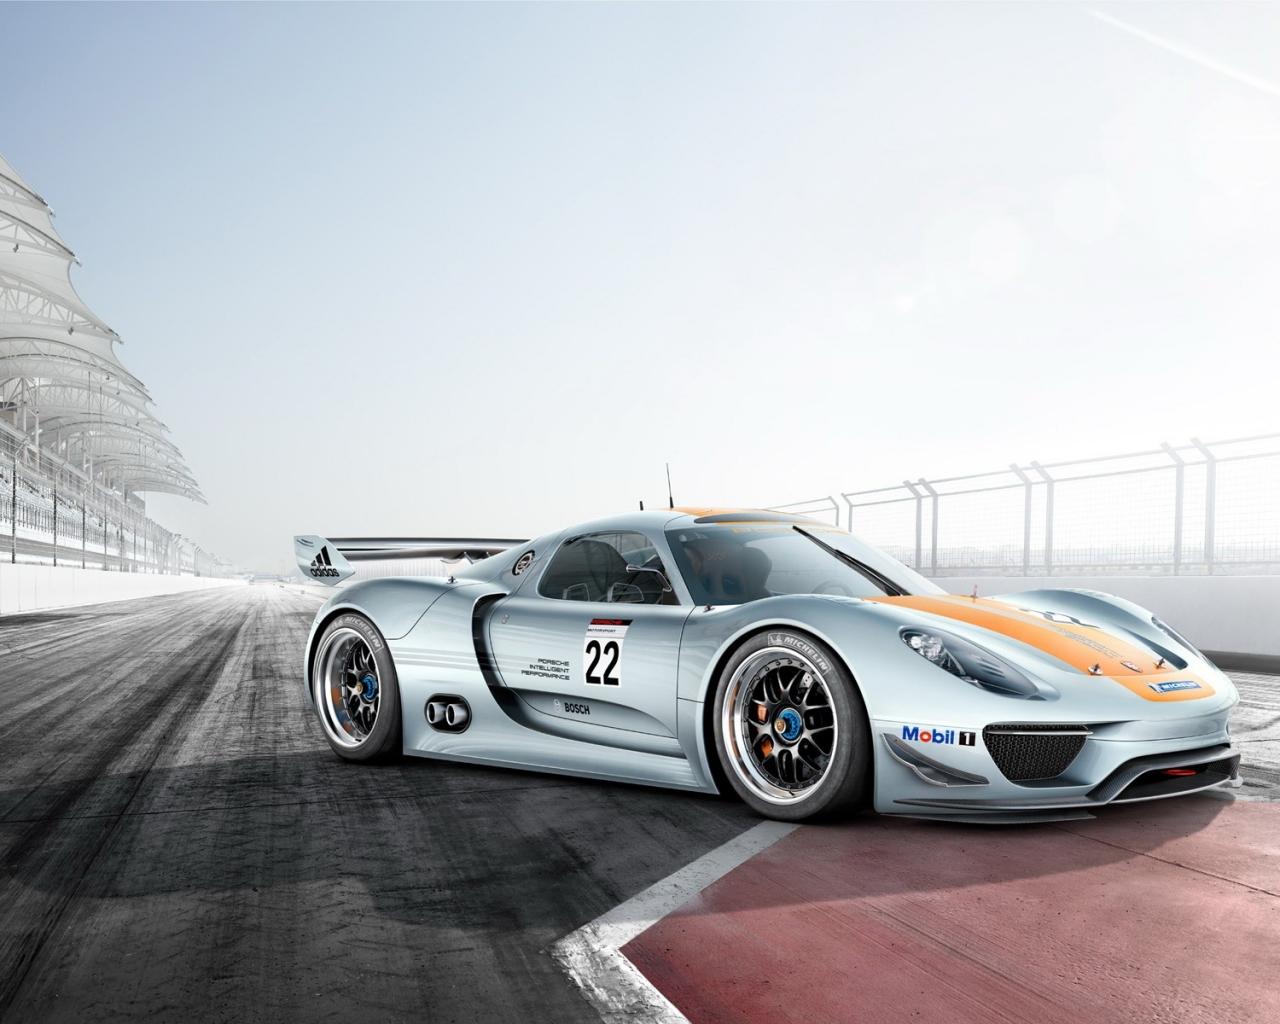 Fondos De Pantalla Vehículo Porsche Show De Net: Porsche 918 Hd 1280x1024